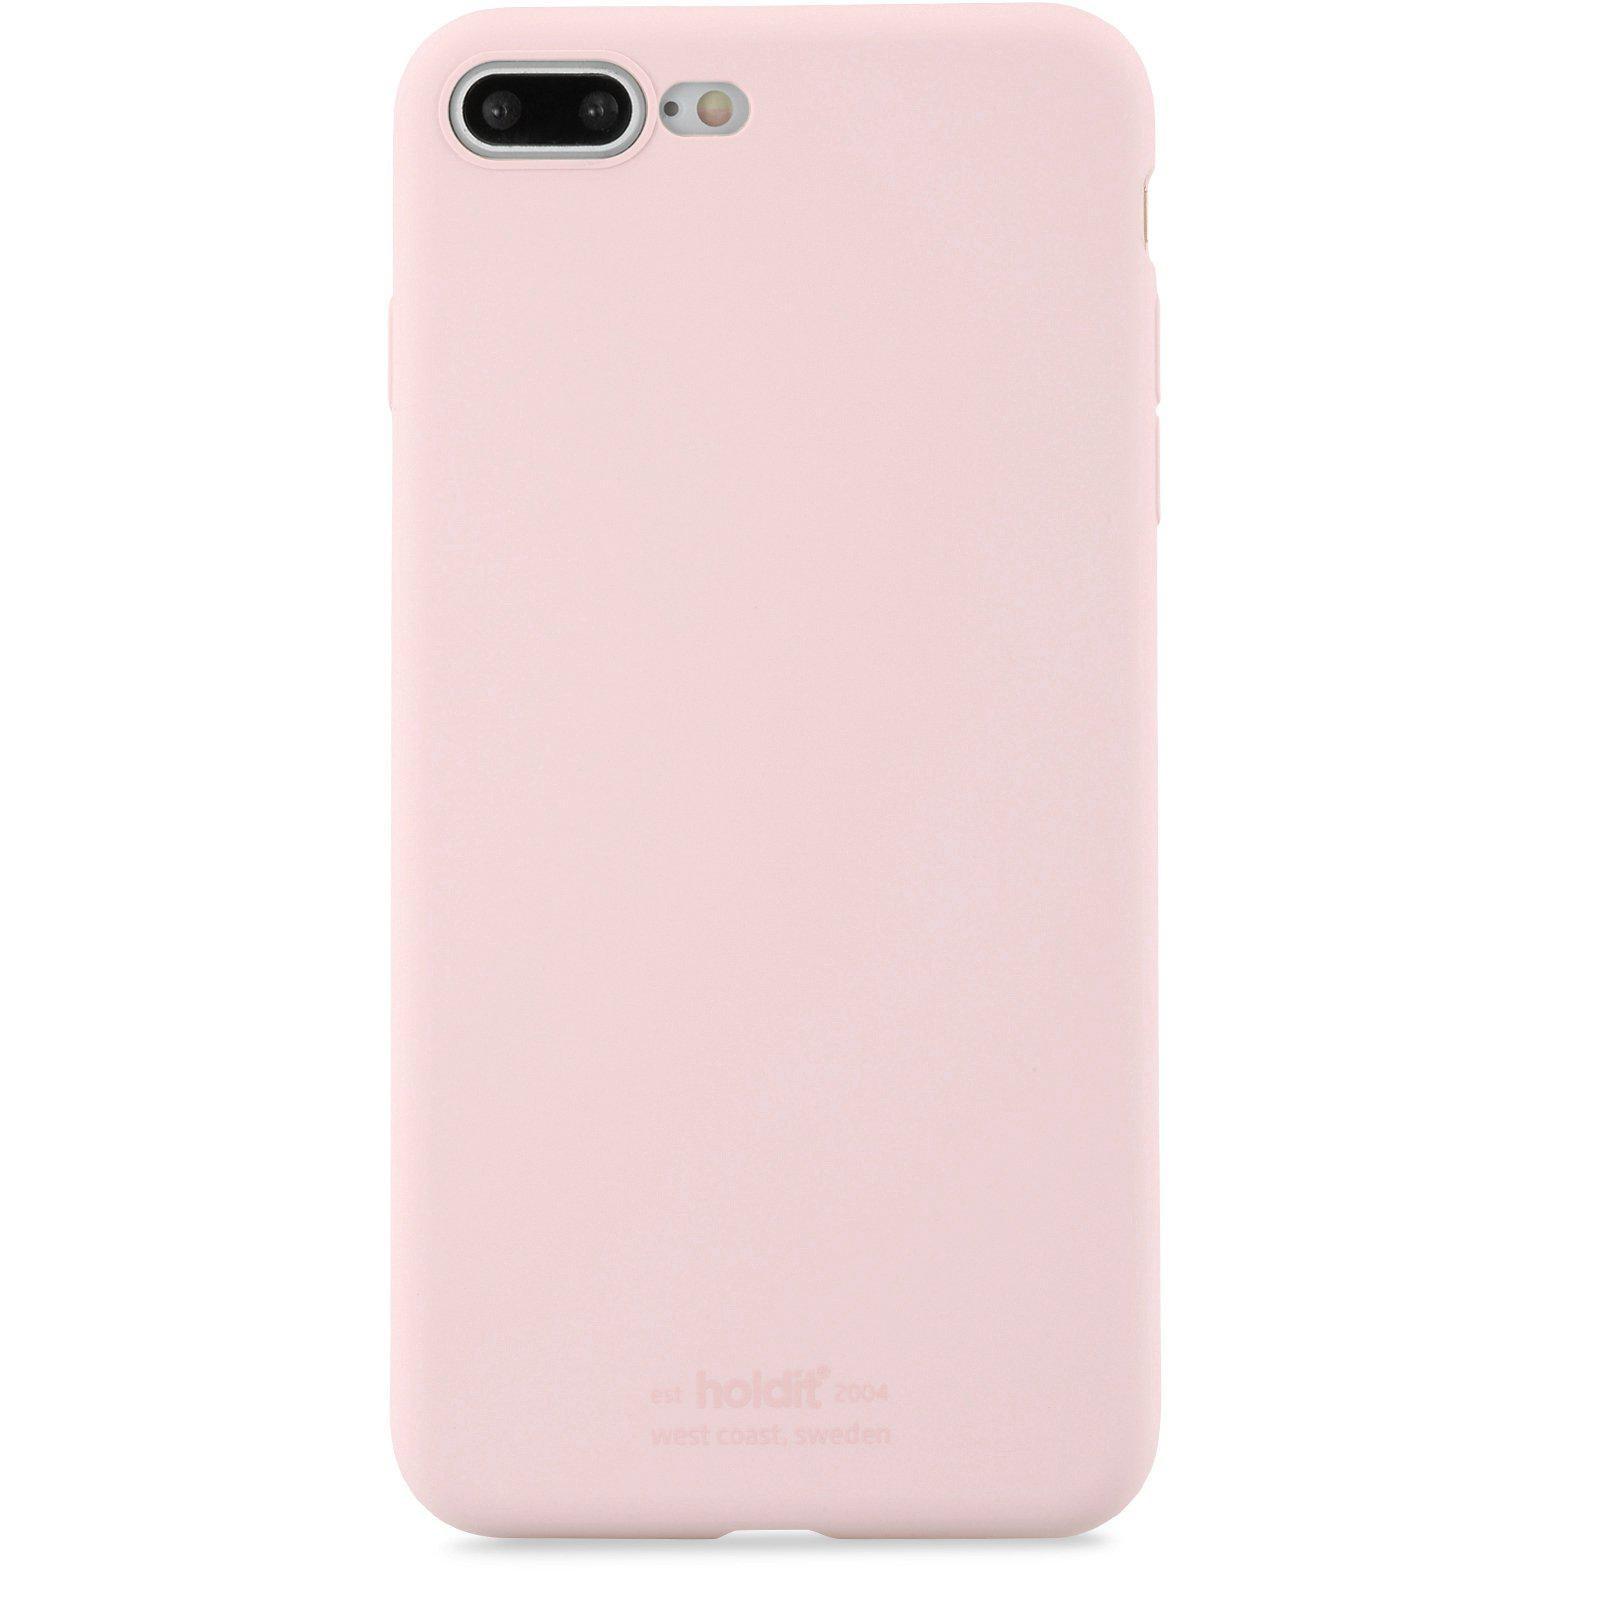 Deksel Silikon iPhone 7 Plus/8 Plus Blush Pink